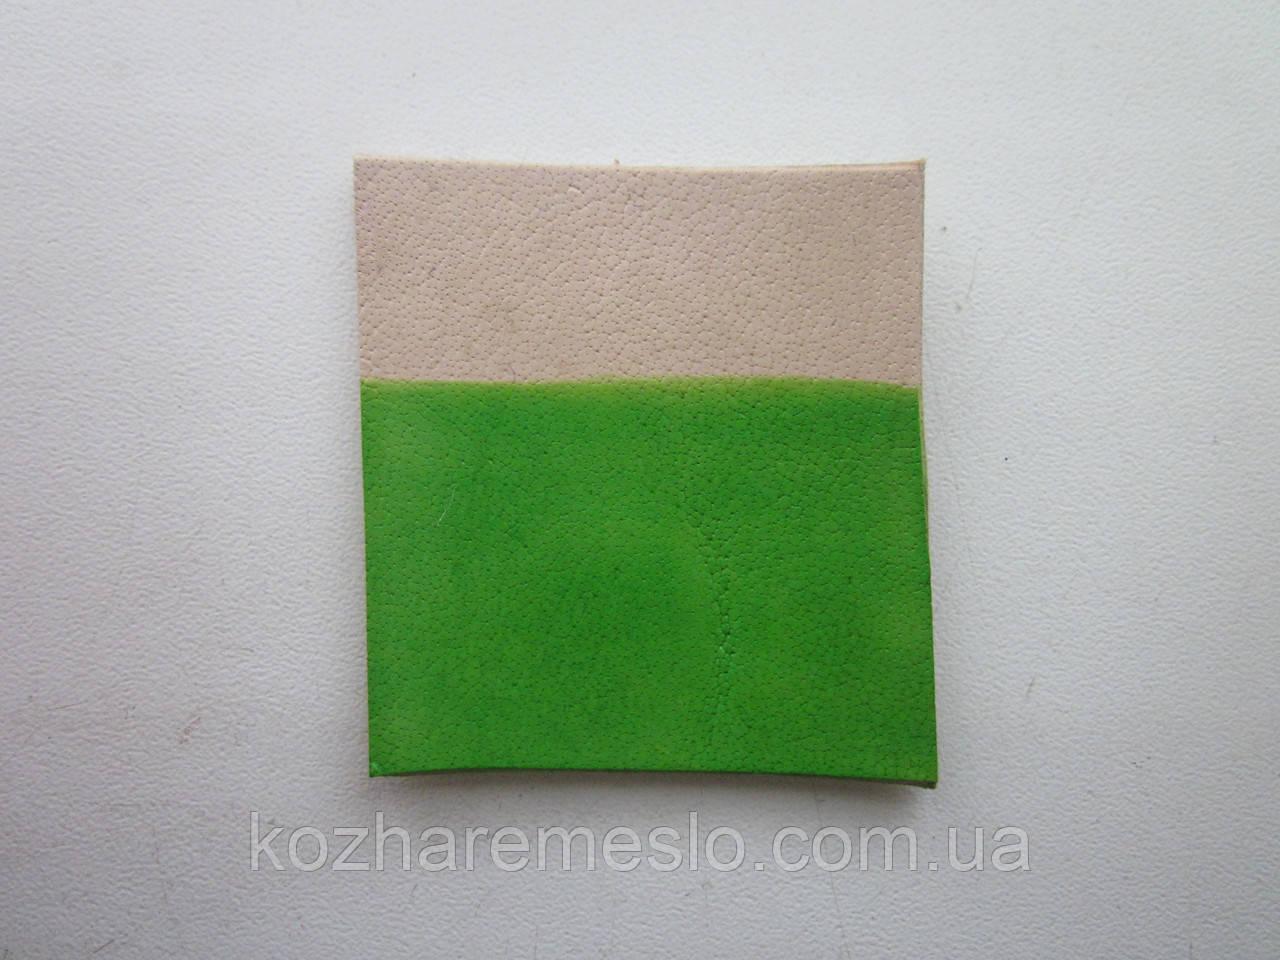 Краска для кожи спиртовая TOLEDO SUPER 200 мл салатовый